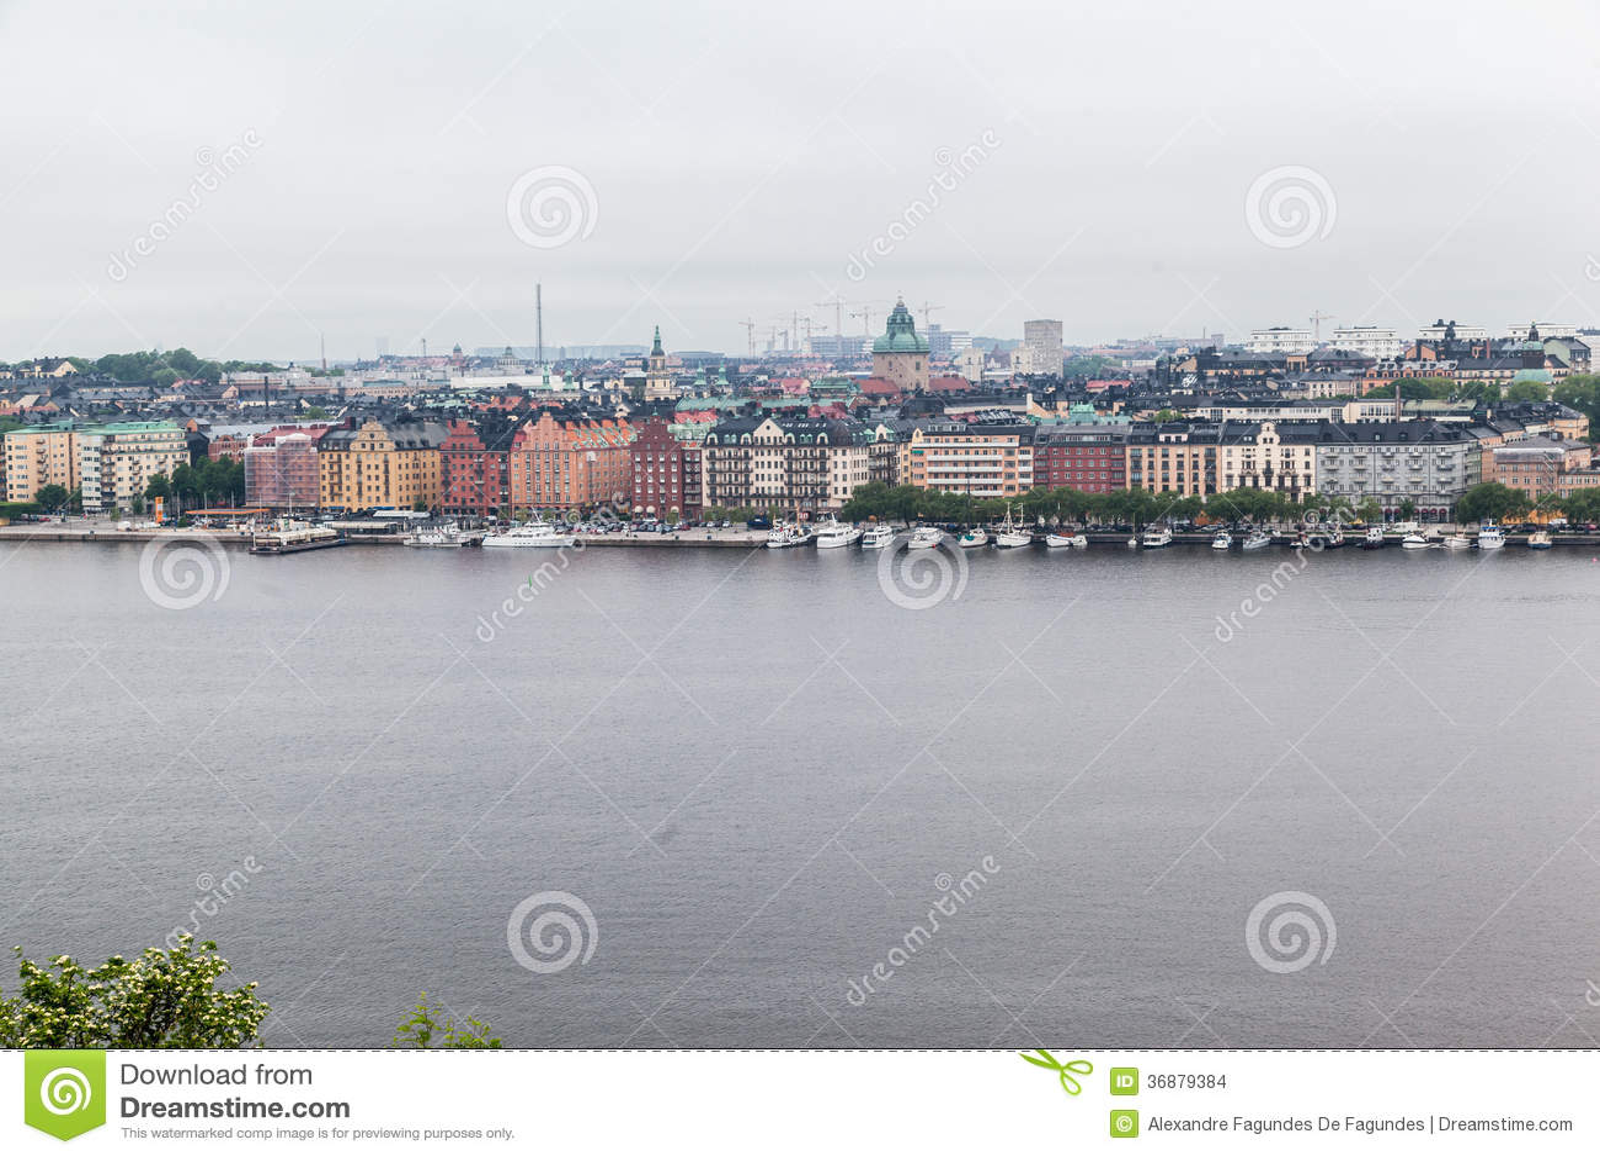 Download Stoccolma Svezia fotografia stock. Immagine di storico - 36879384